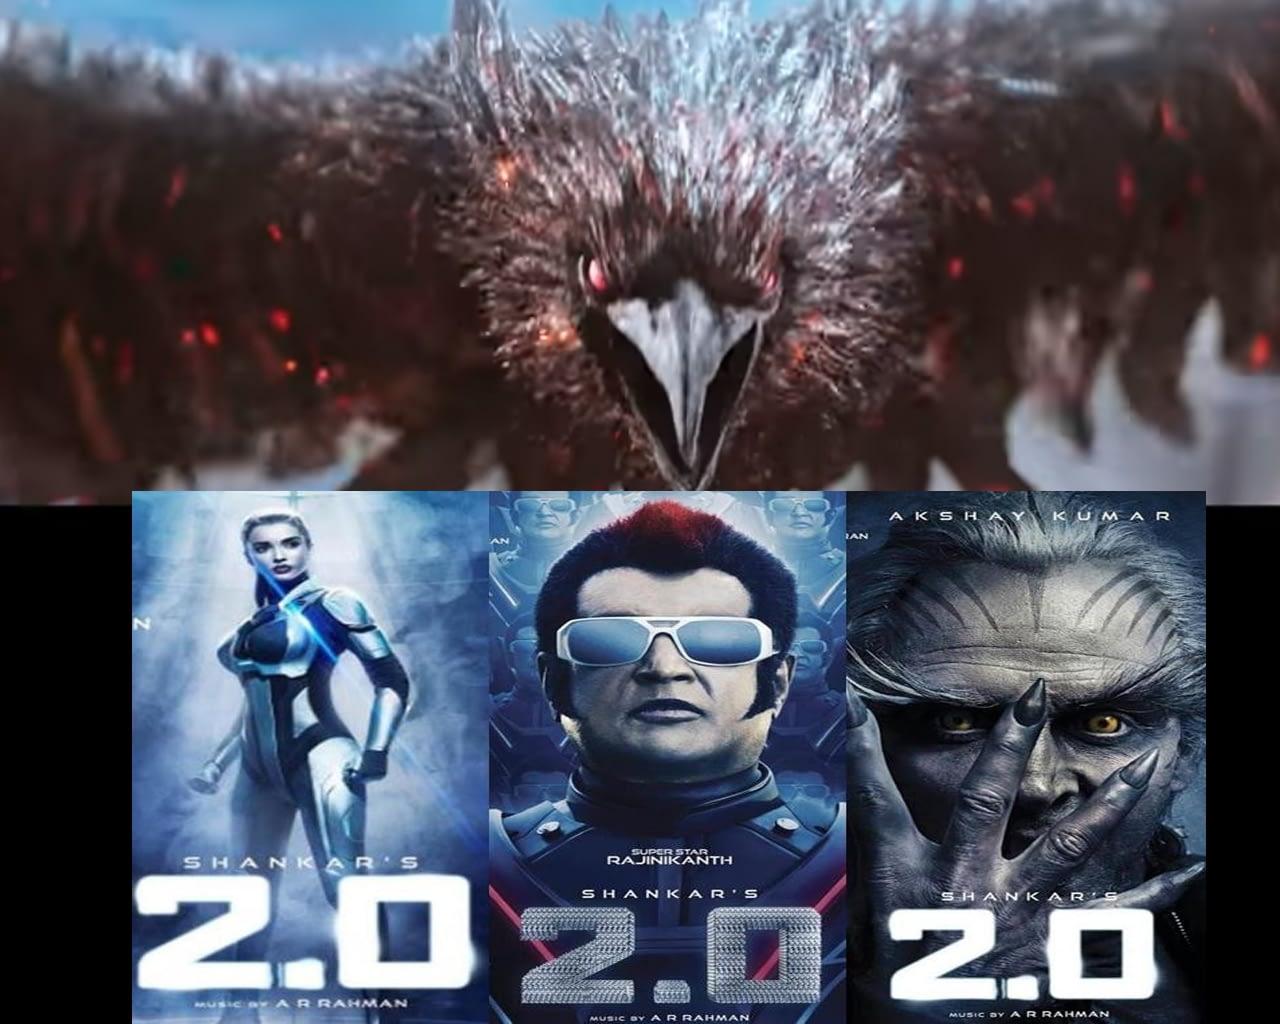 सर्वाधिक महँगो भारतिय सिनेमा २.0 टिजर